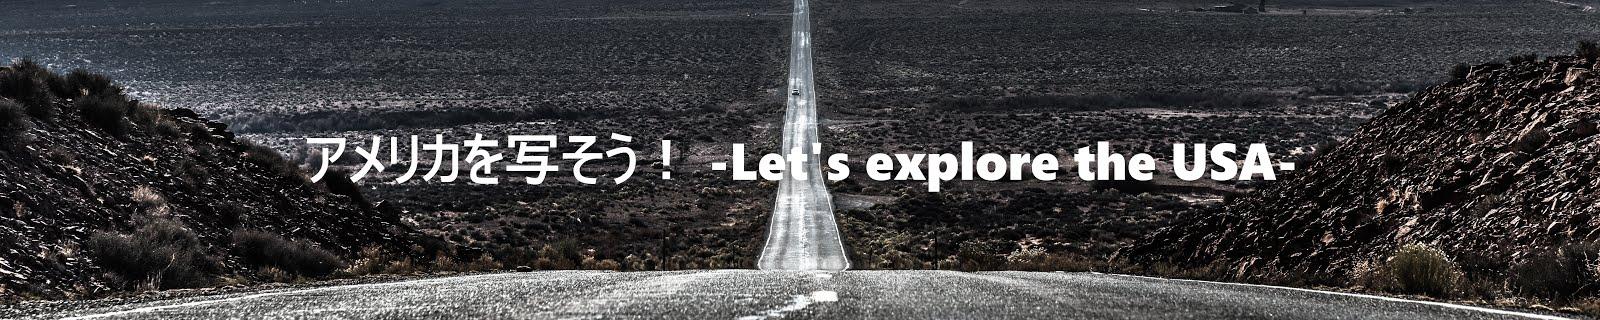 アメリカを写そう! -Let's explore the USA-